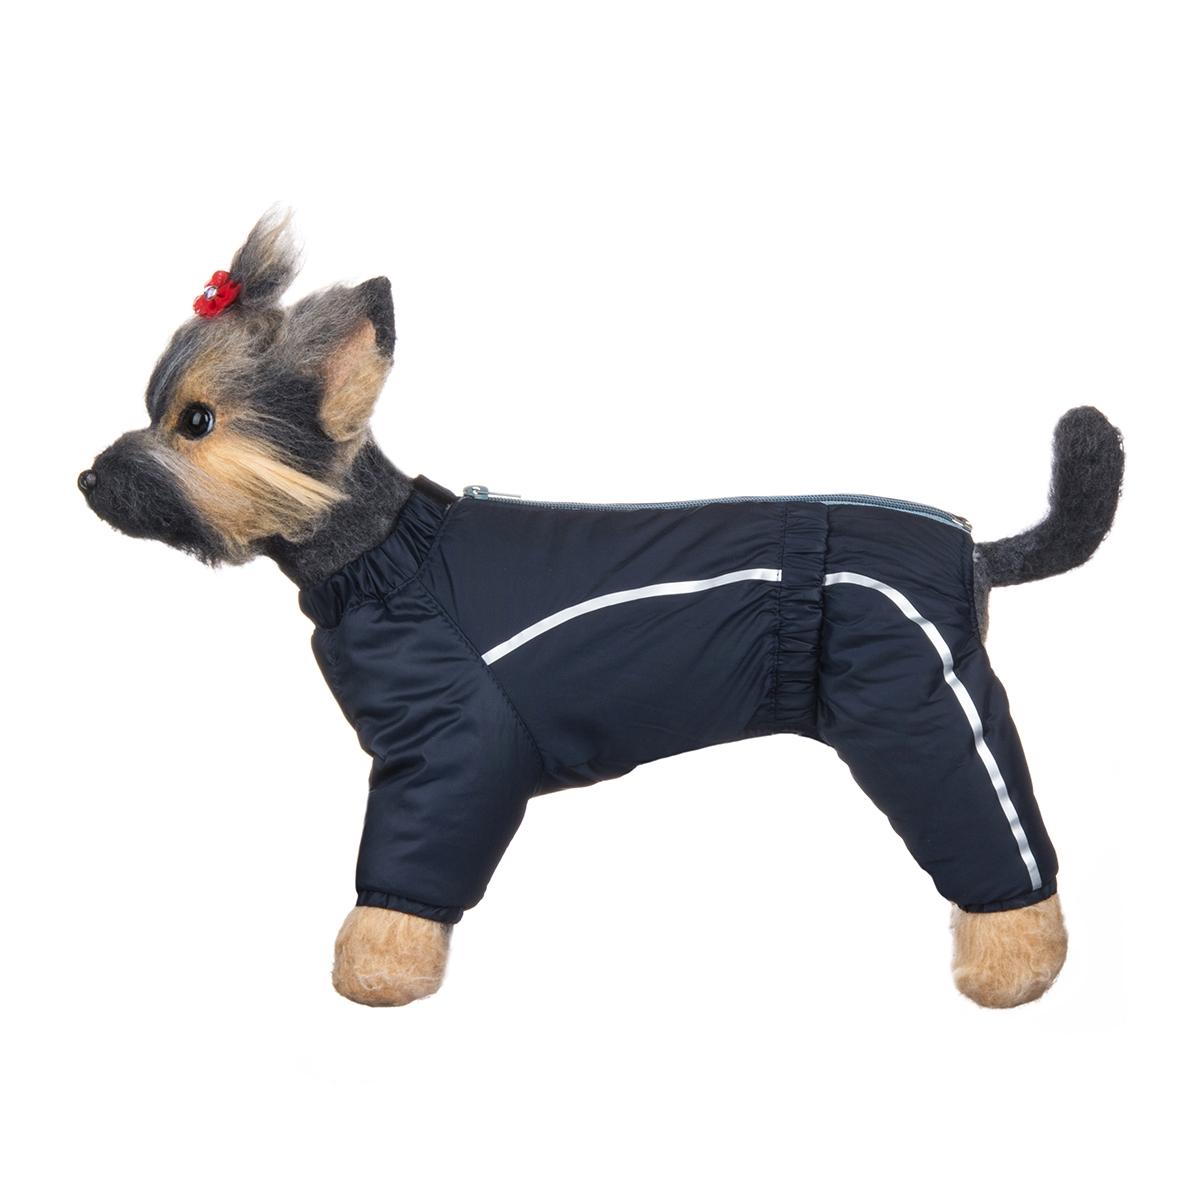 Комбинезон для собак Dogmoda Альпы, зимний, для мальчика, цвет: синий, светло-серый. Размер 2 (M)DM-150351-2Зимний комбинезон для собак Dogmoda Альпы отлично подойдет для прогулок в зимнее время года.Комбинезон изготовлен из полиэстера, защищающего от ветра и снега, с утеплителем из синтепона, который сохранит тепло даже в сильные морозы, а на подкладке используется искусственный мех, который обеспечивает отличный воздухообмен. Комбинезон застегивается на молнию и липучку, благодаря чему его легко надевать и снимать. Ворот, низ рукавов и брючин оснащены внутренними резинками, которые мягко обхватывают шею и лапки, не позволяя просачиваться холодному воздуху. На пояснице имеется внутренняя резинка. Изделие декорировано серебристыми полосками и надписью DM.Благодаря такому комбинезону простуда не грозит вашему питомцу и он сможет испытать не сравнимое удовольствие от снежных игр и забав.